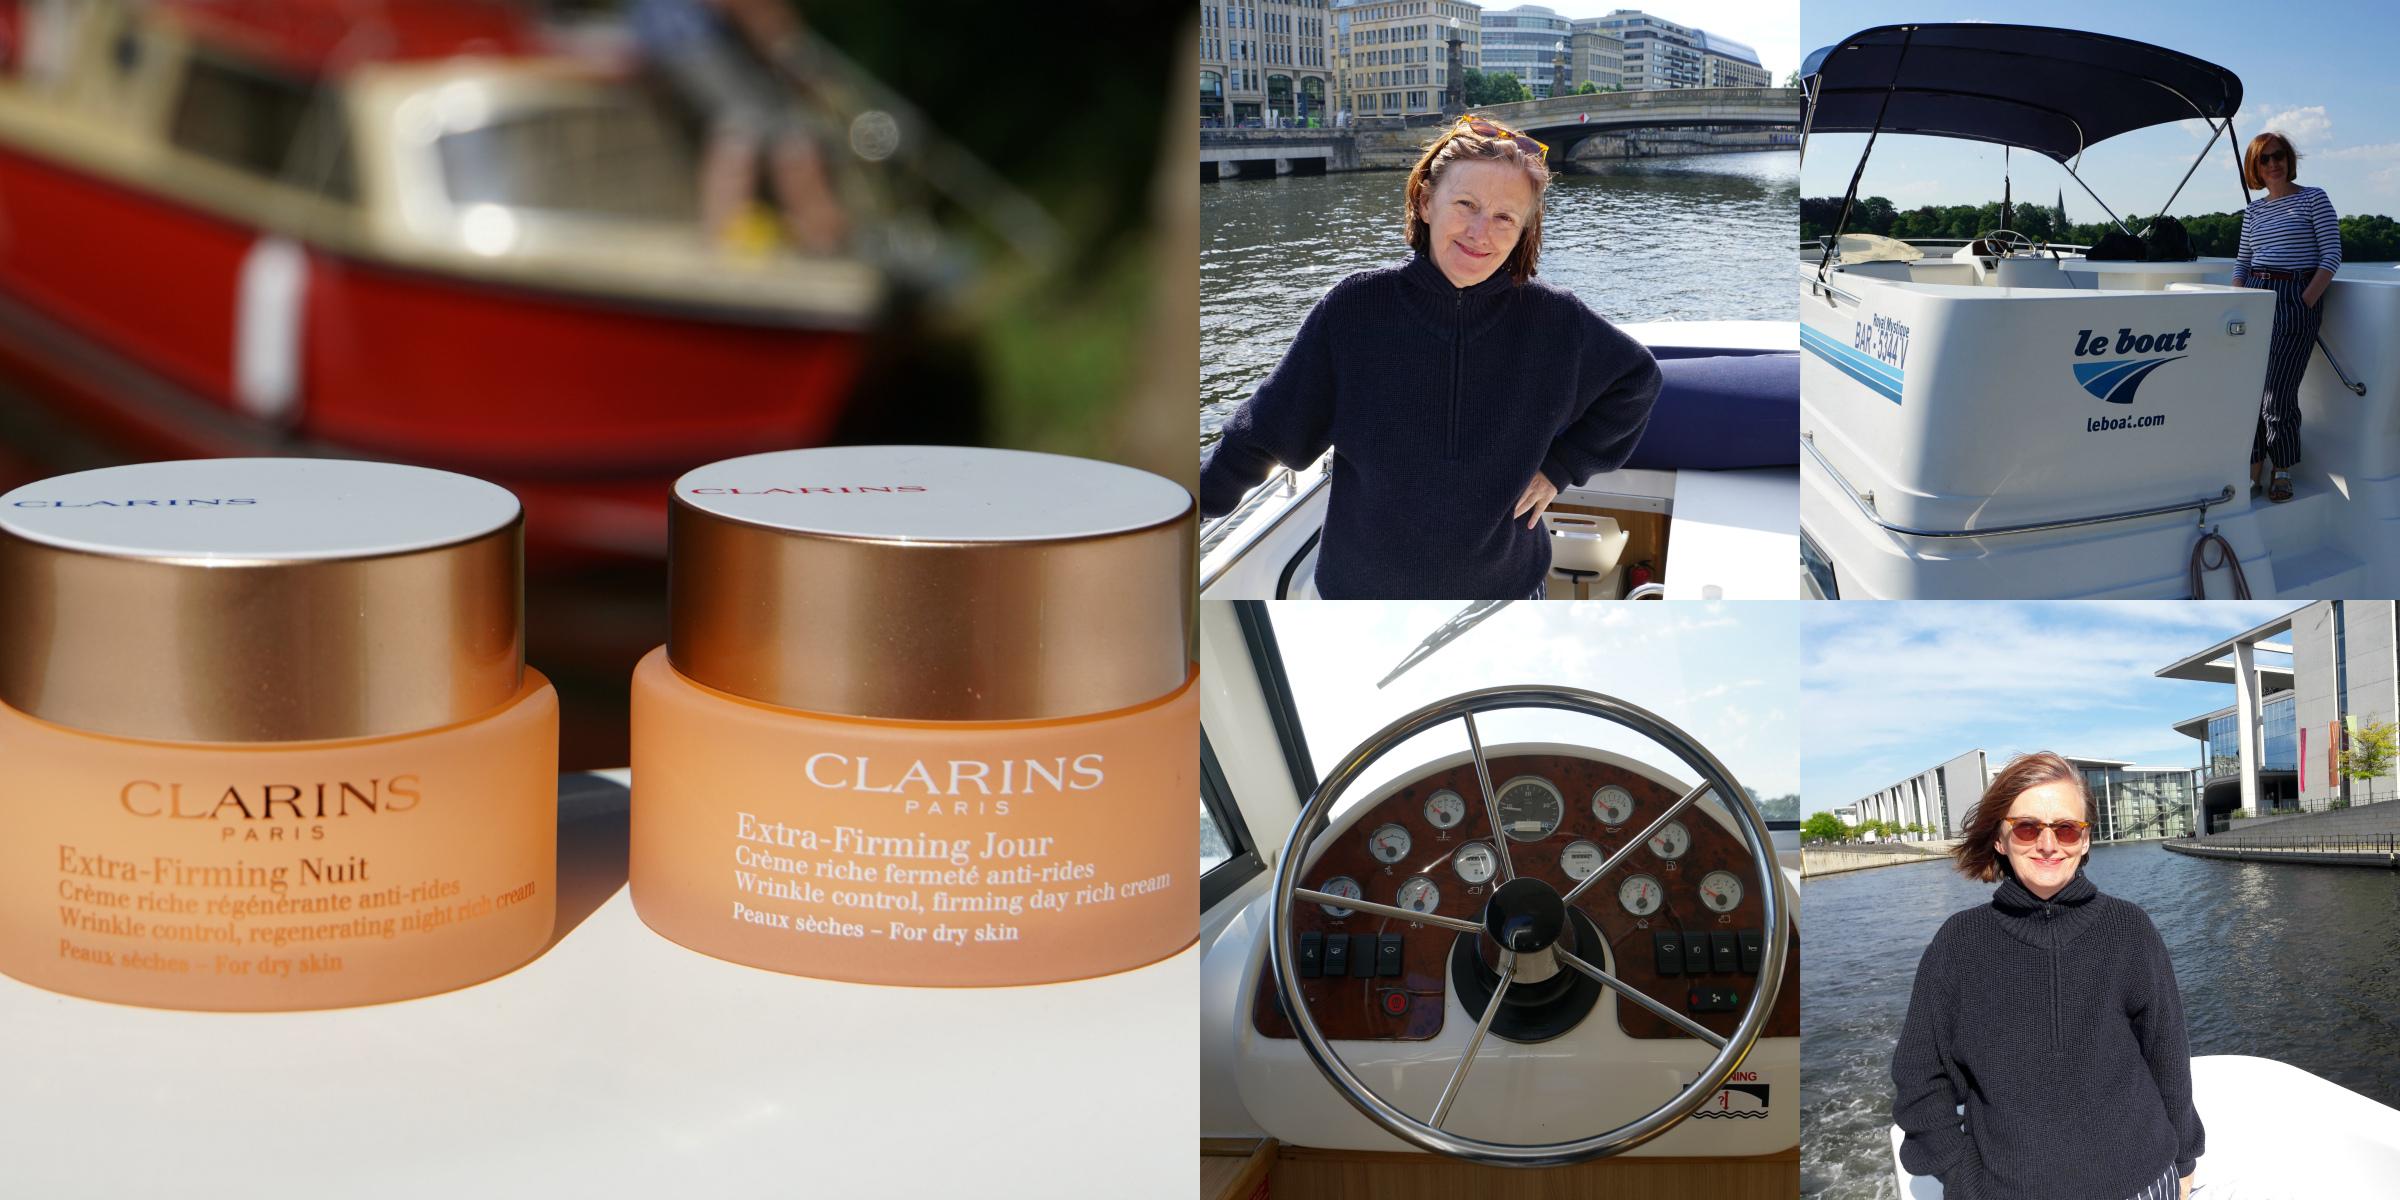 Ursel vom IKNMLO Fashionblog für Frauen ab 40 über Clarins